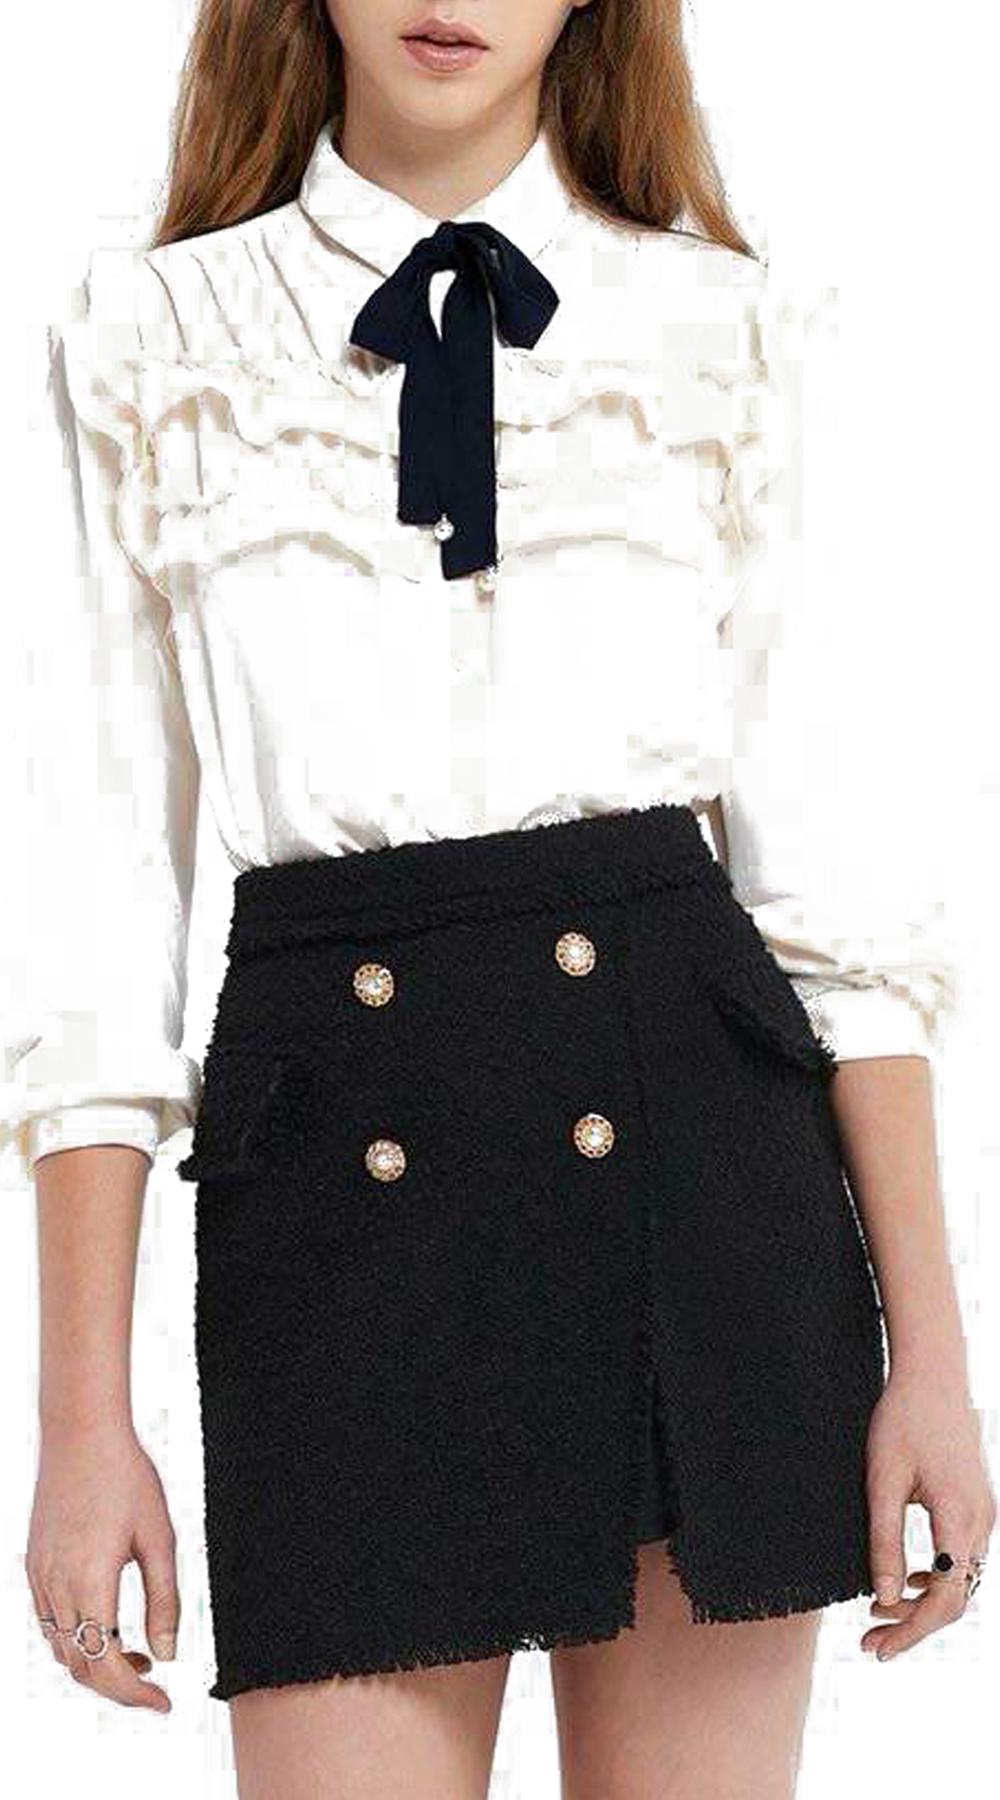 Γυναικείο Victorian chic πουκάμισο με βολάν και κορδέλα στο λαιμό - OEM - FW17SO μπλούζες   t shirts elegant tops